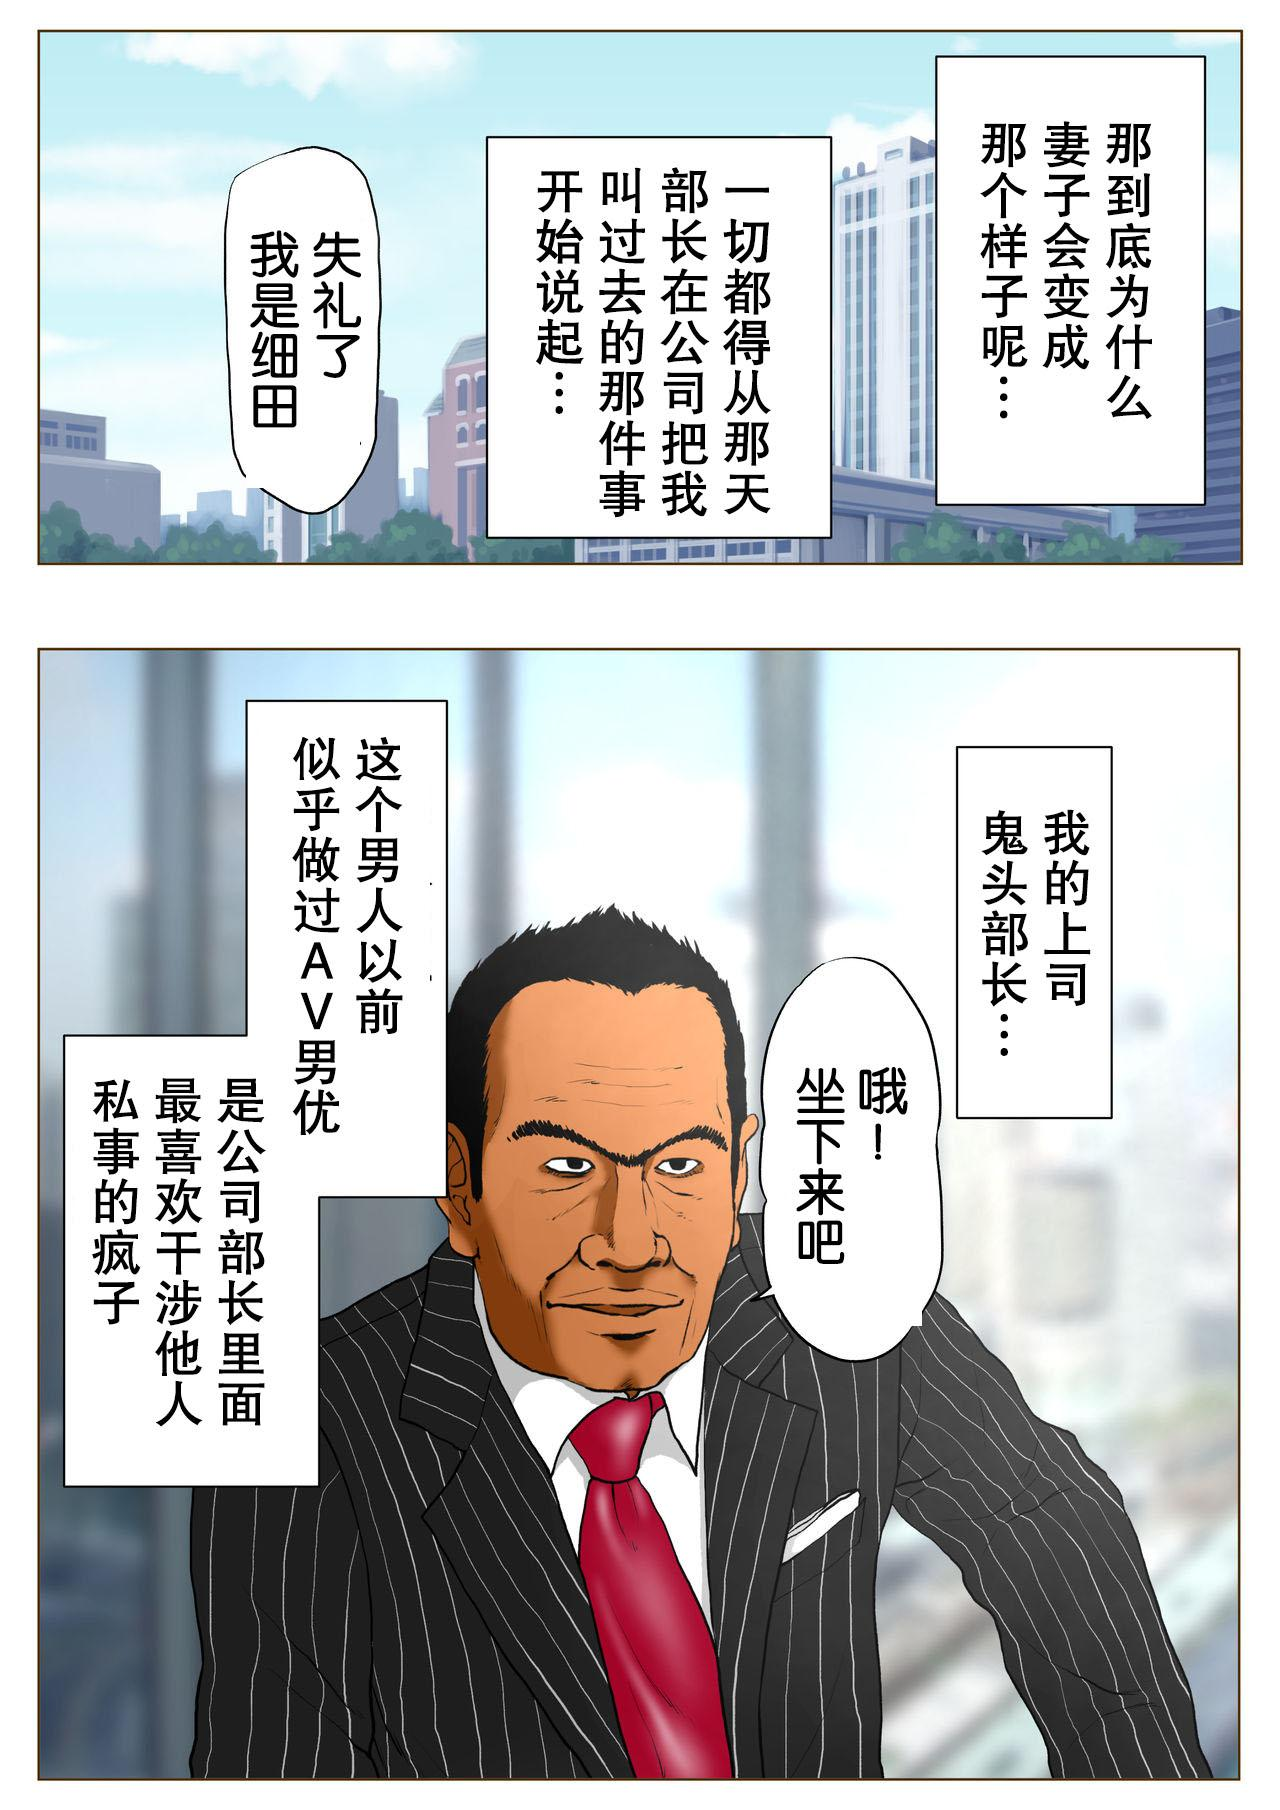 [W no Honnou] Shin, Boku no Tsuma to Kyokon no Moto AV Danyuu Buchou[Chinese]【不可视汉化】 7